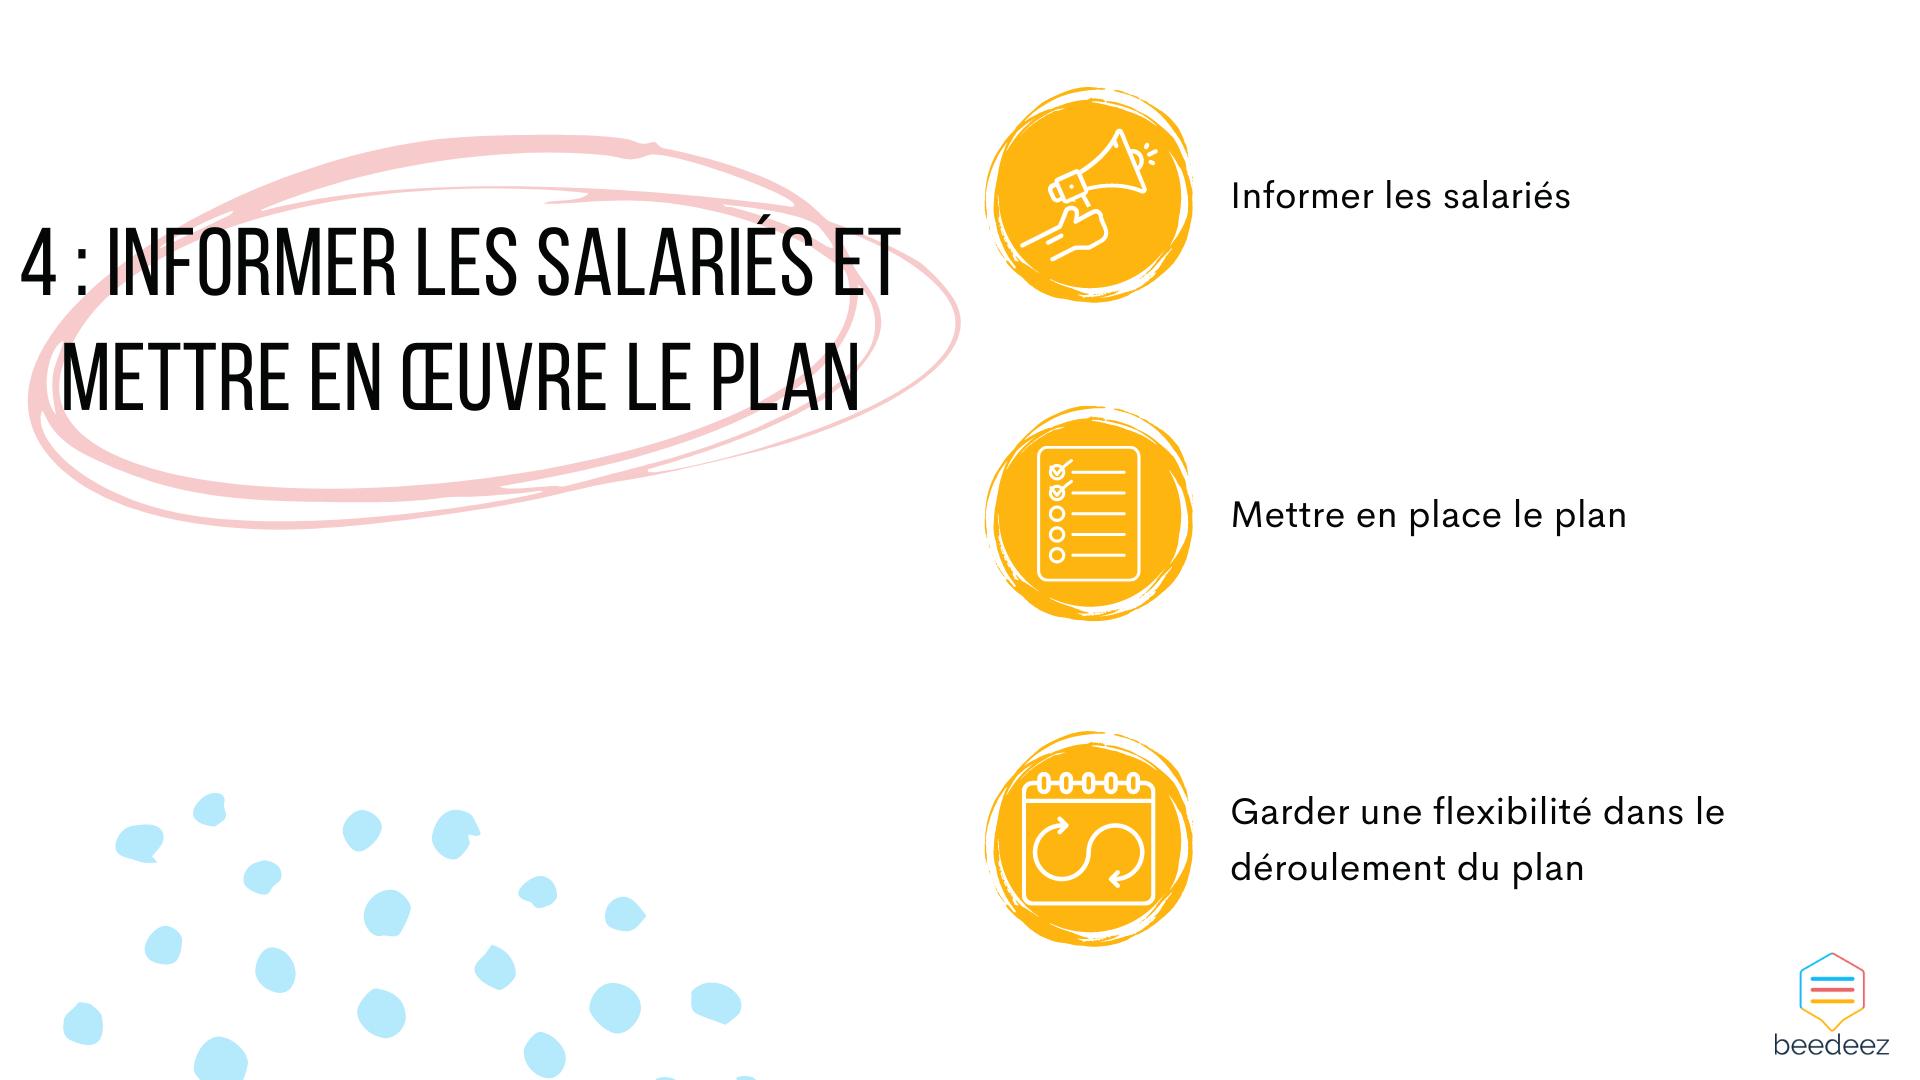 Informer les salariés et mettre en œuvre le plan